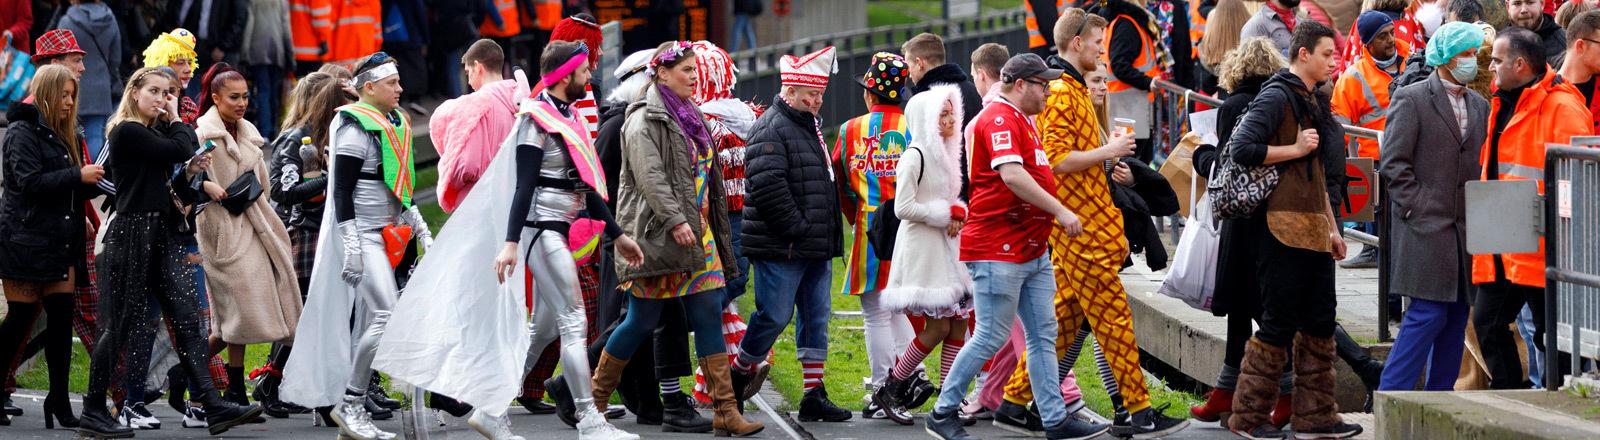 Karnevalisten in Köln